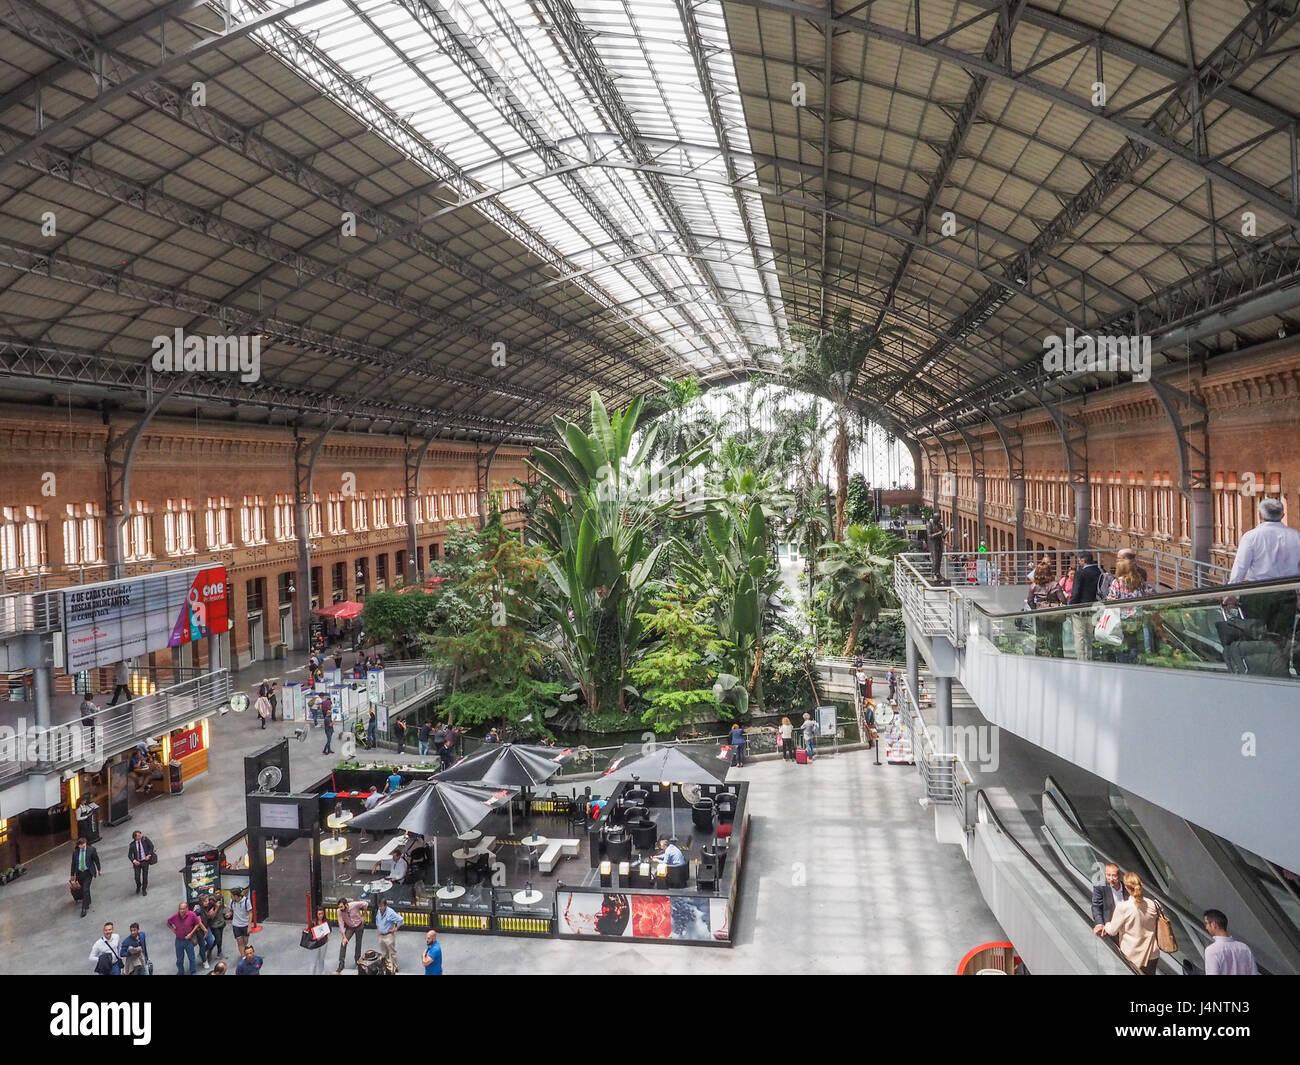 Vue d'escalator escalators à l'intérieur de la gare d'Atocha Estacion de Atocha Madrid Espagne Photo Stock